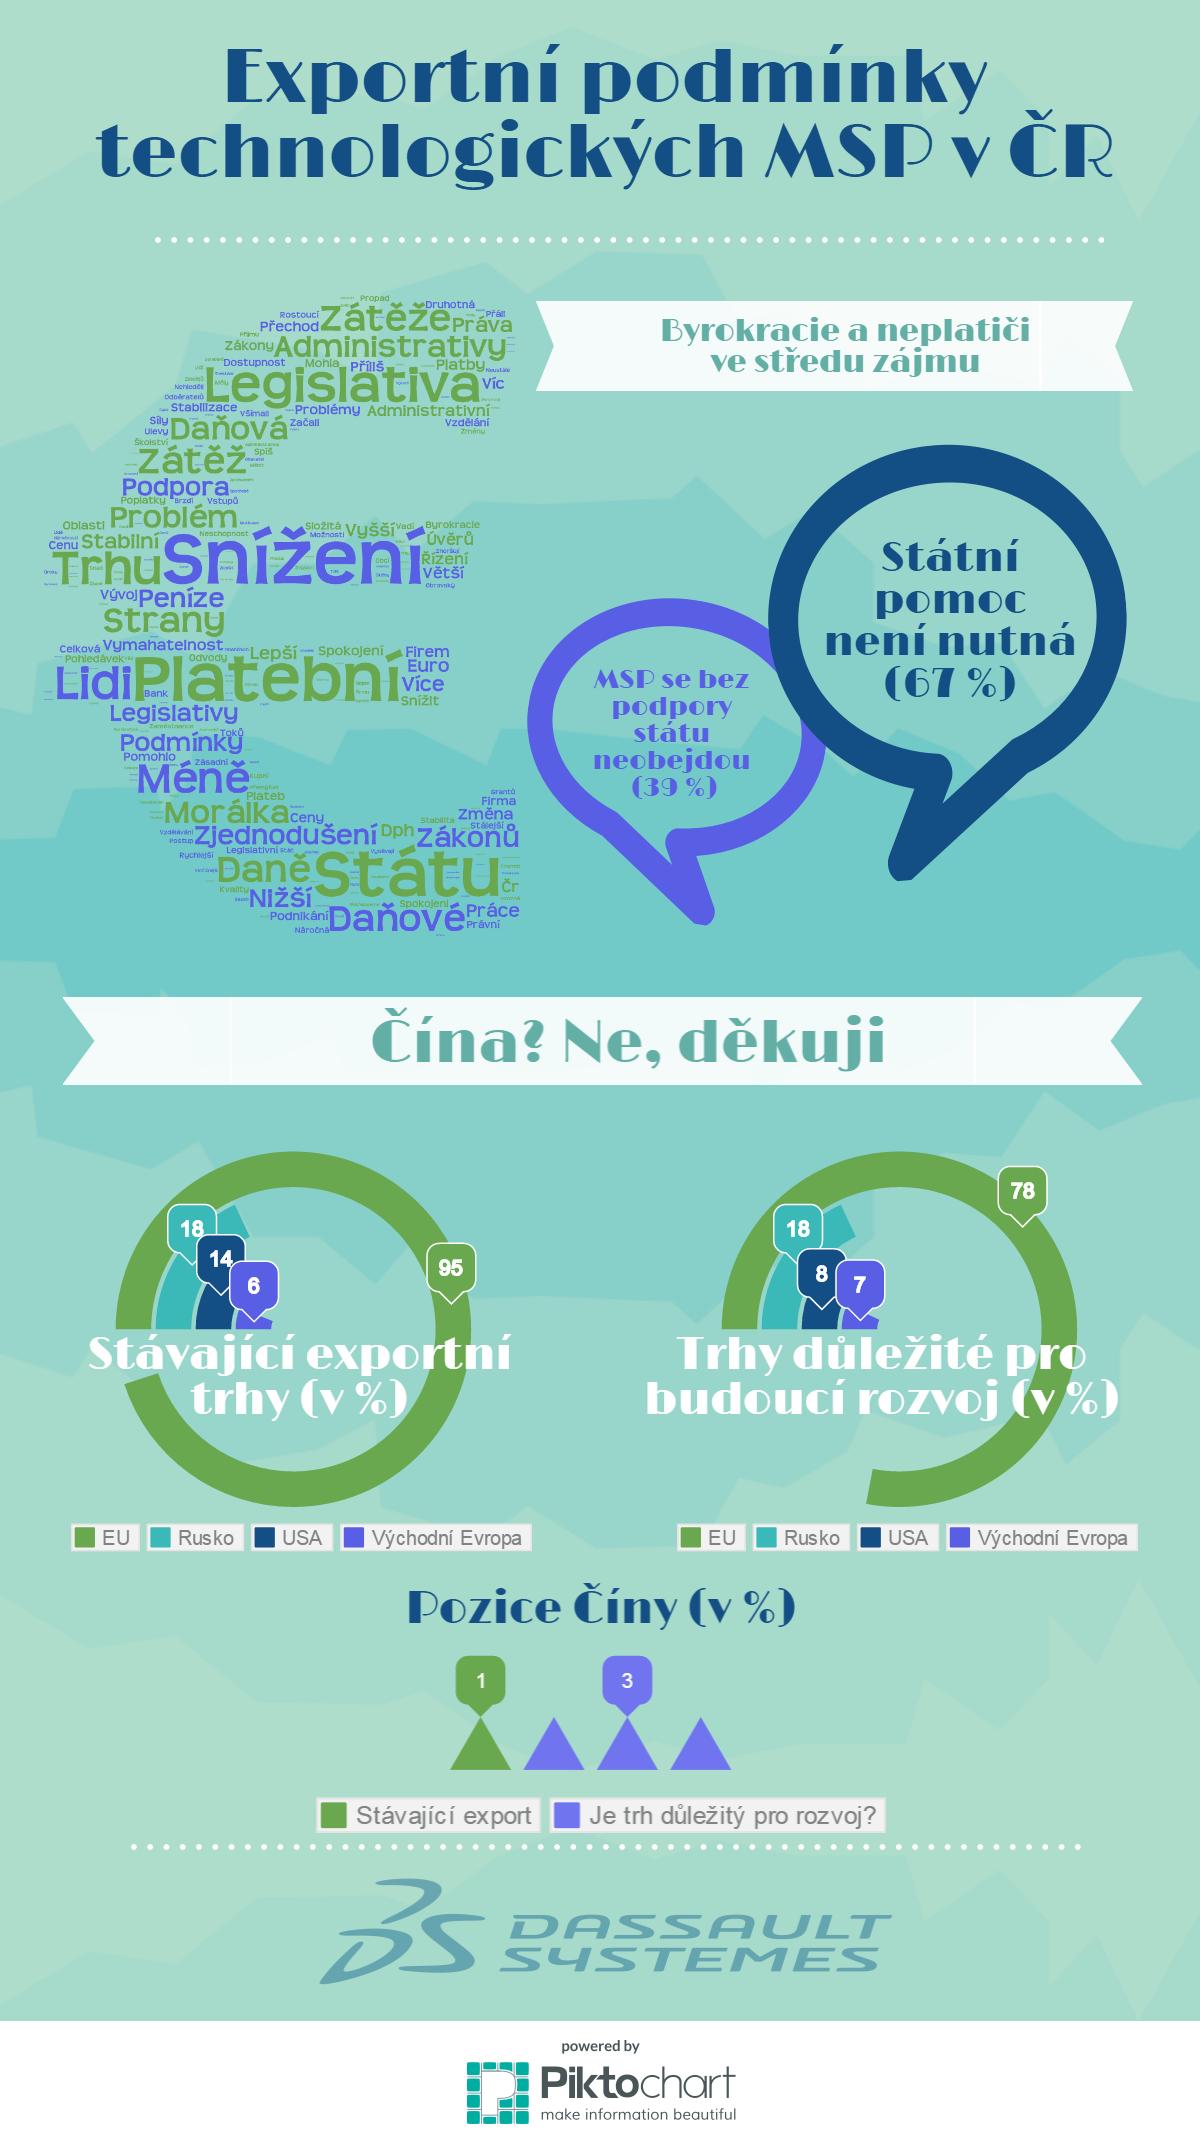 Exportní podmínky technologických MSP v České republice